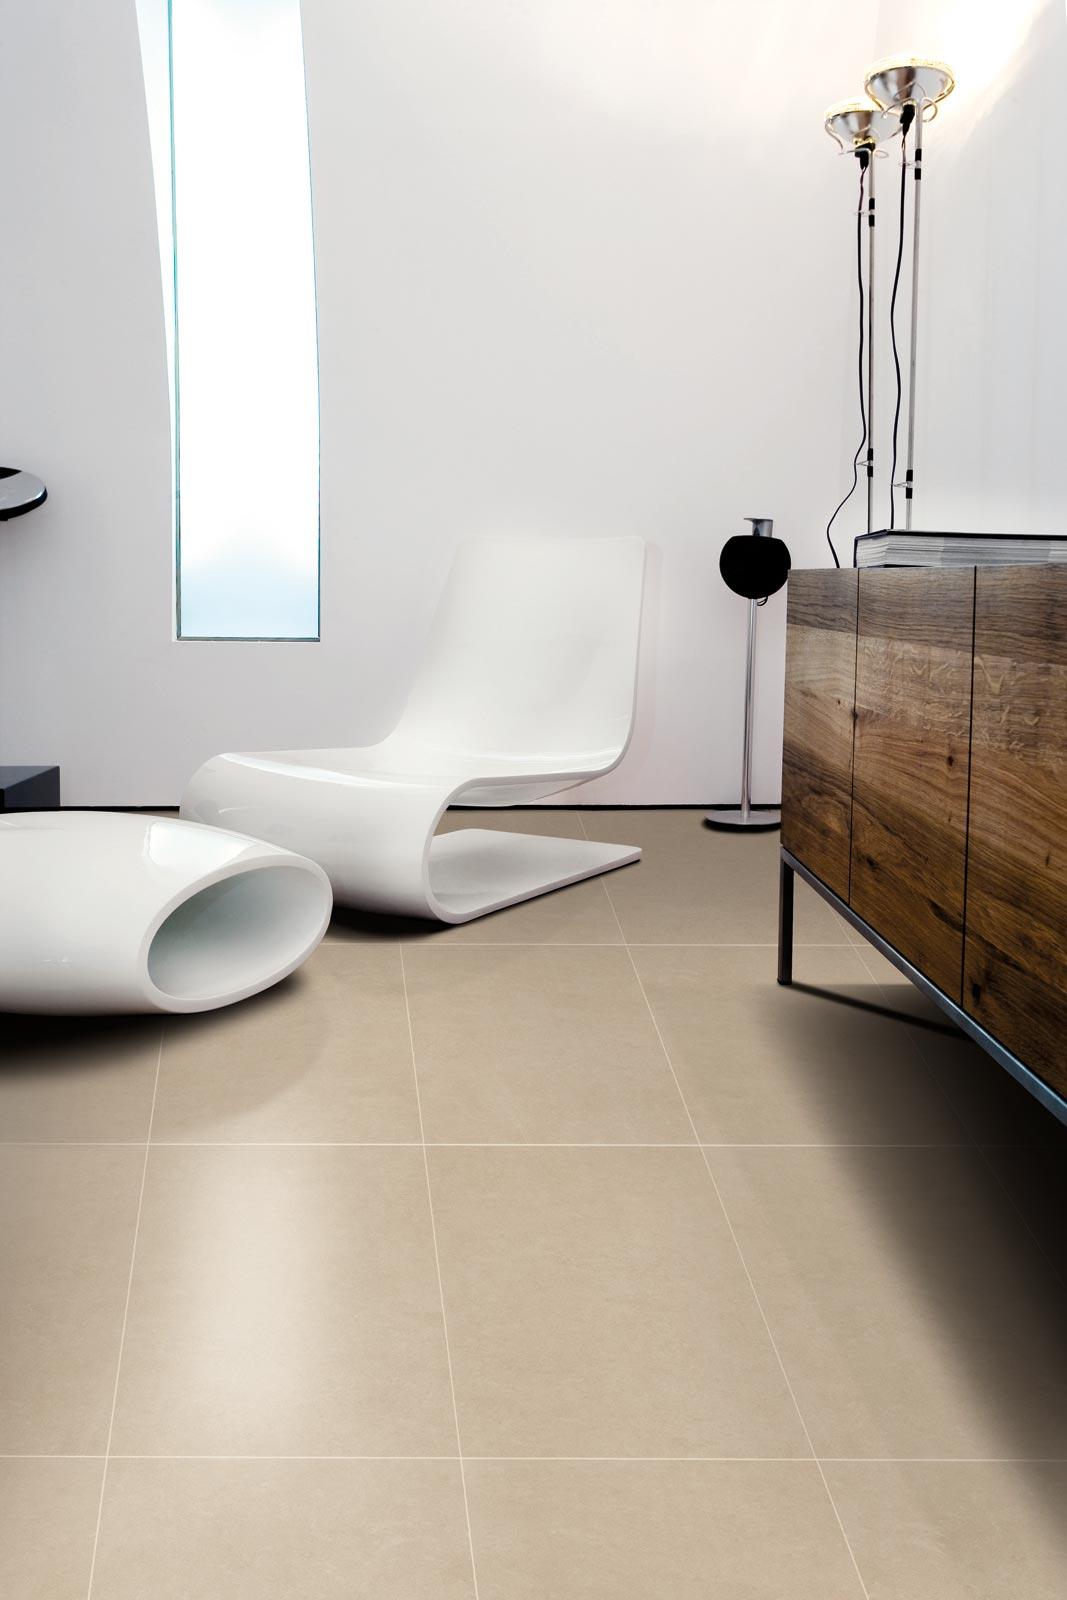 Zenith satin matte porcelain stoneware marazzi zenith ceramic tiles marazzi3640 dailygadgetfo Choice Image